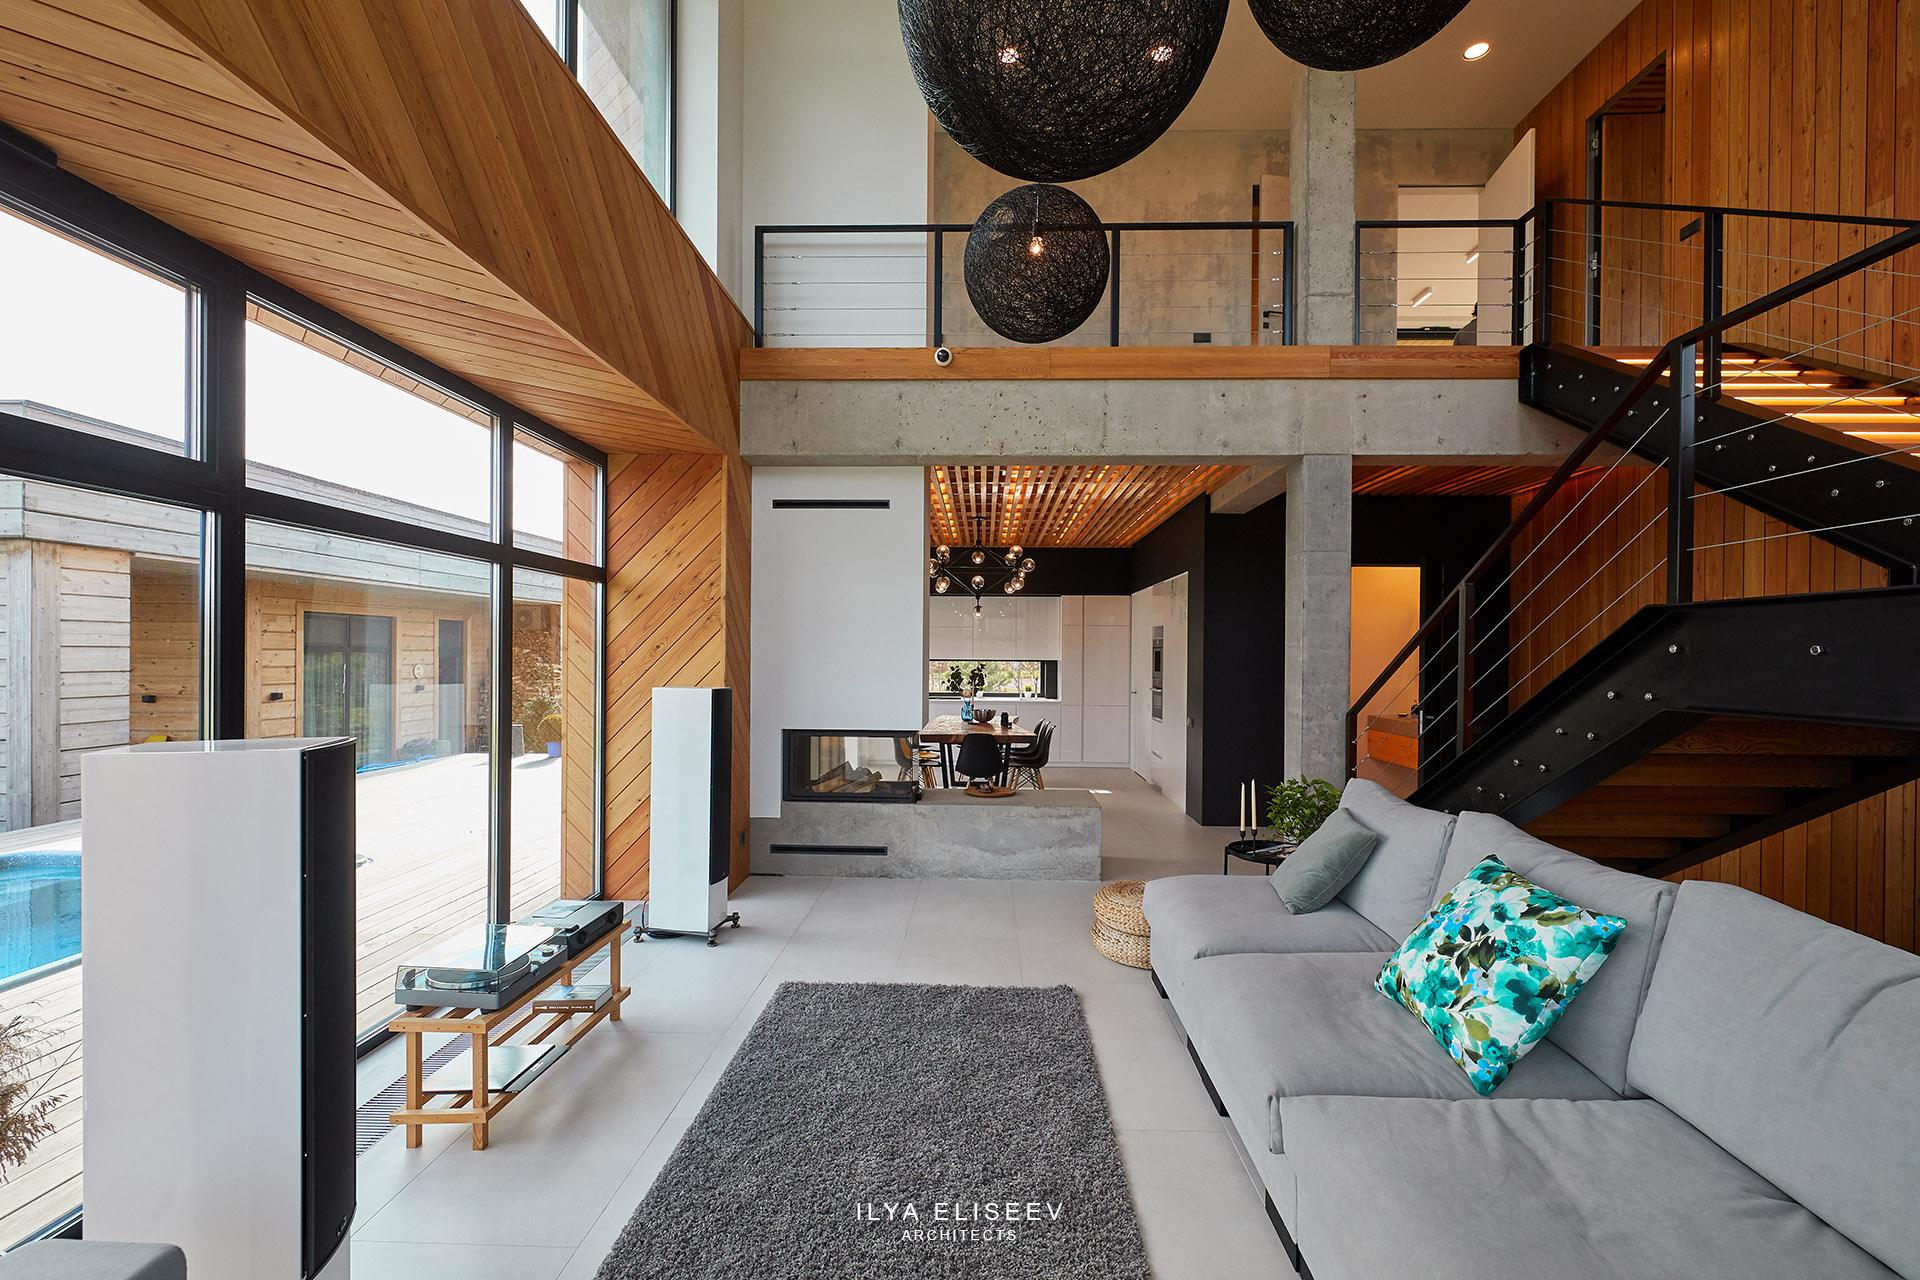 Строительство домов со вторым светом: 10 интересных проектов   строительный блог вити петрова